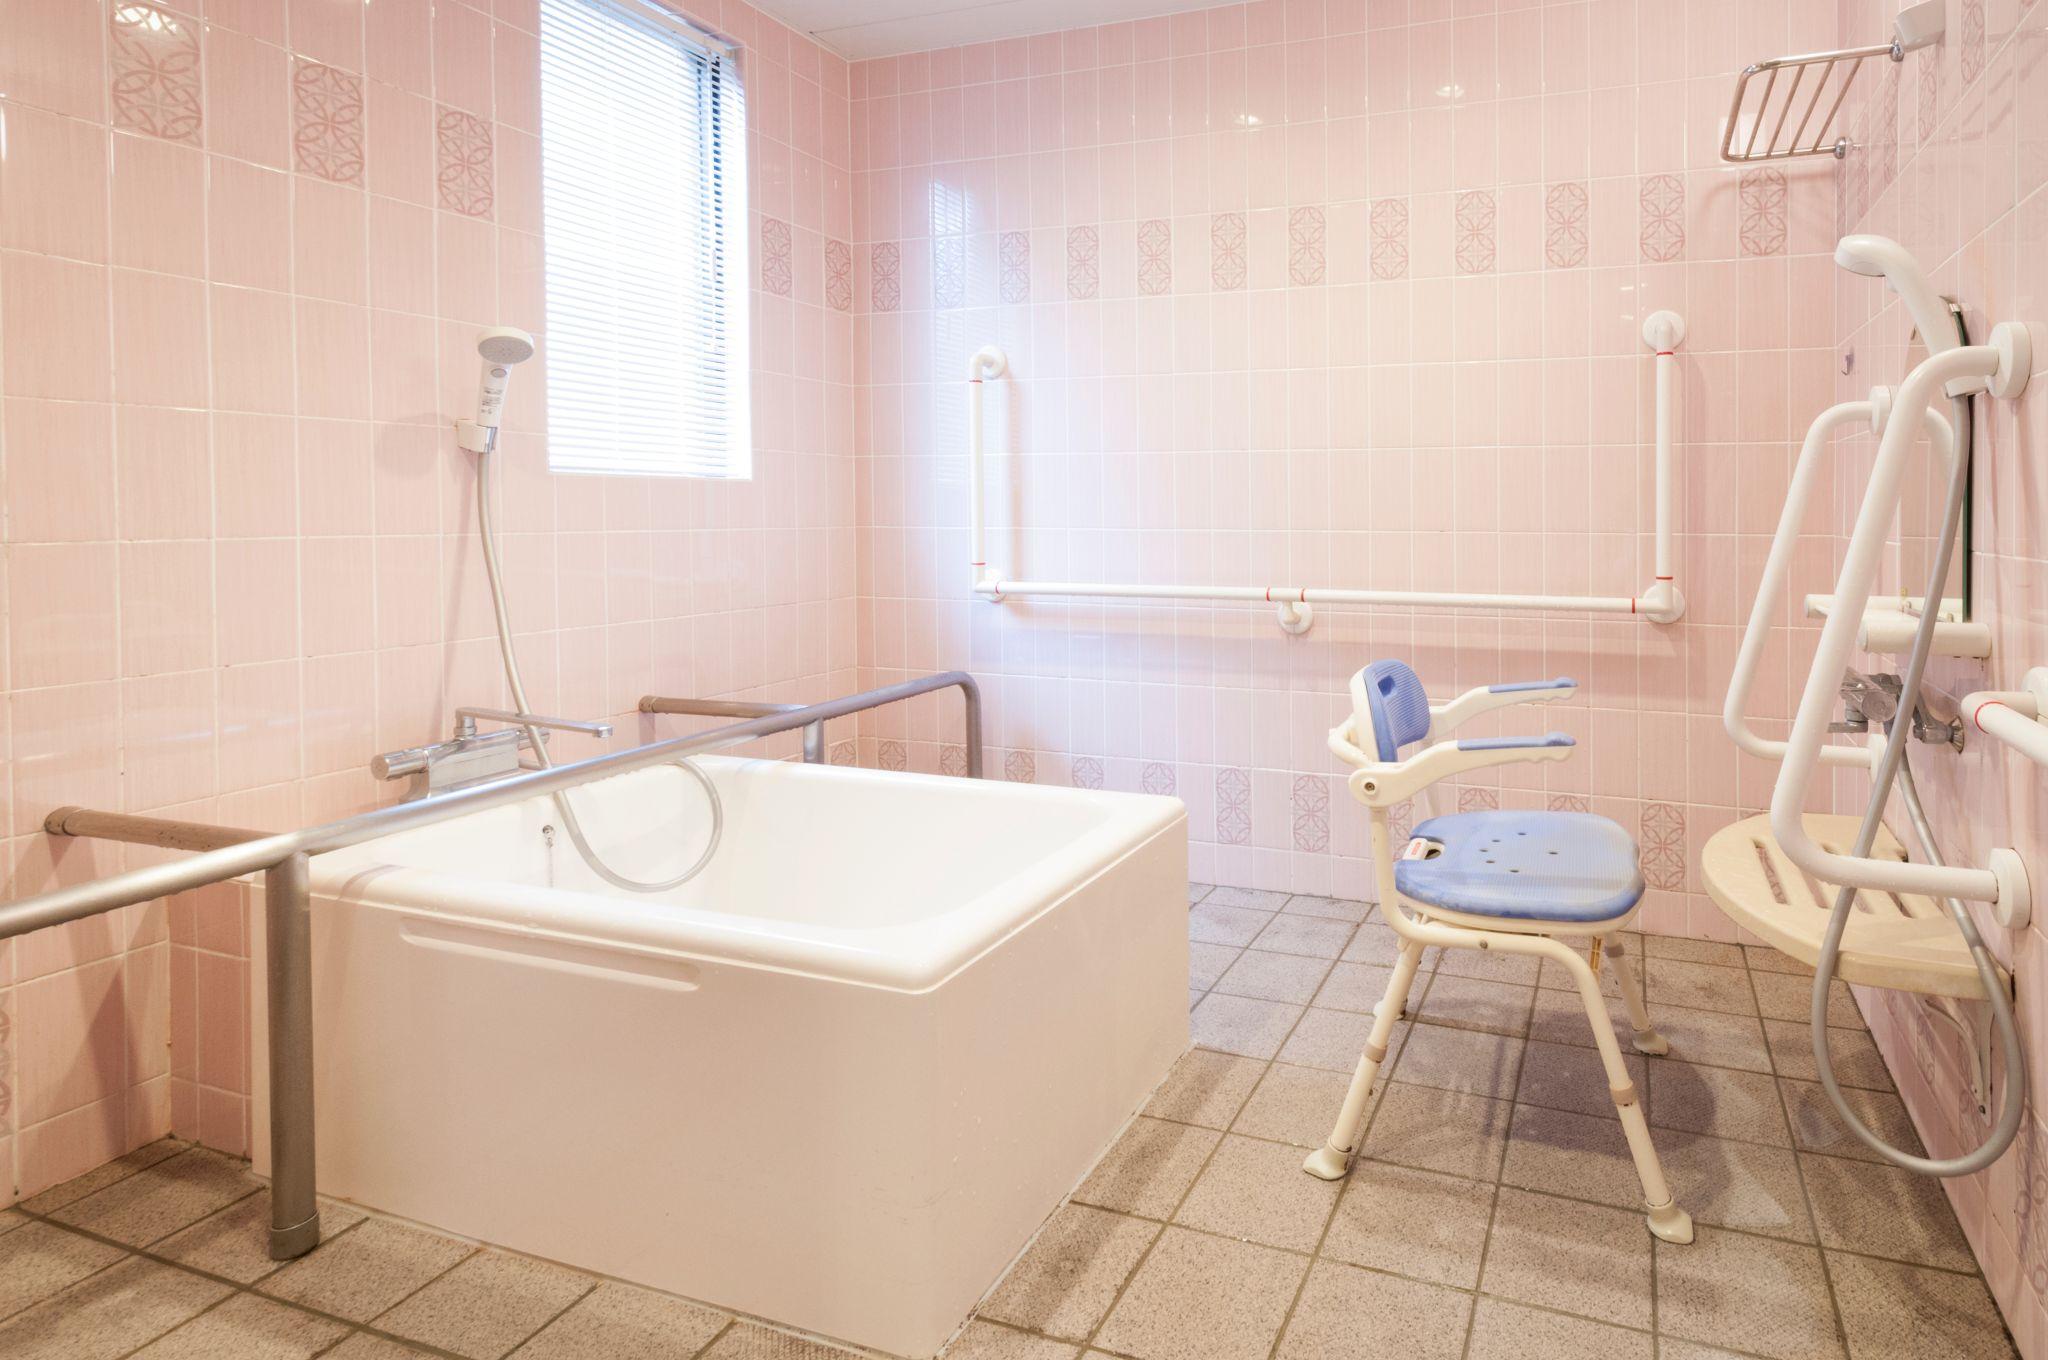 シルバーシティ哲学堂の入浴場